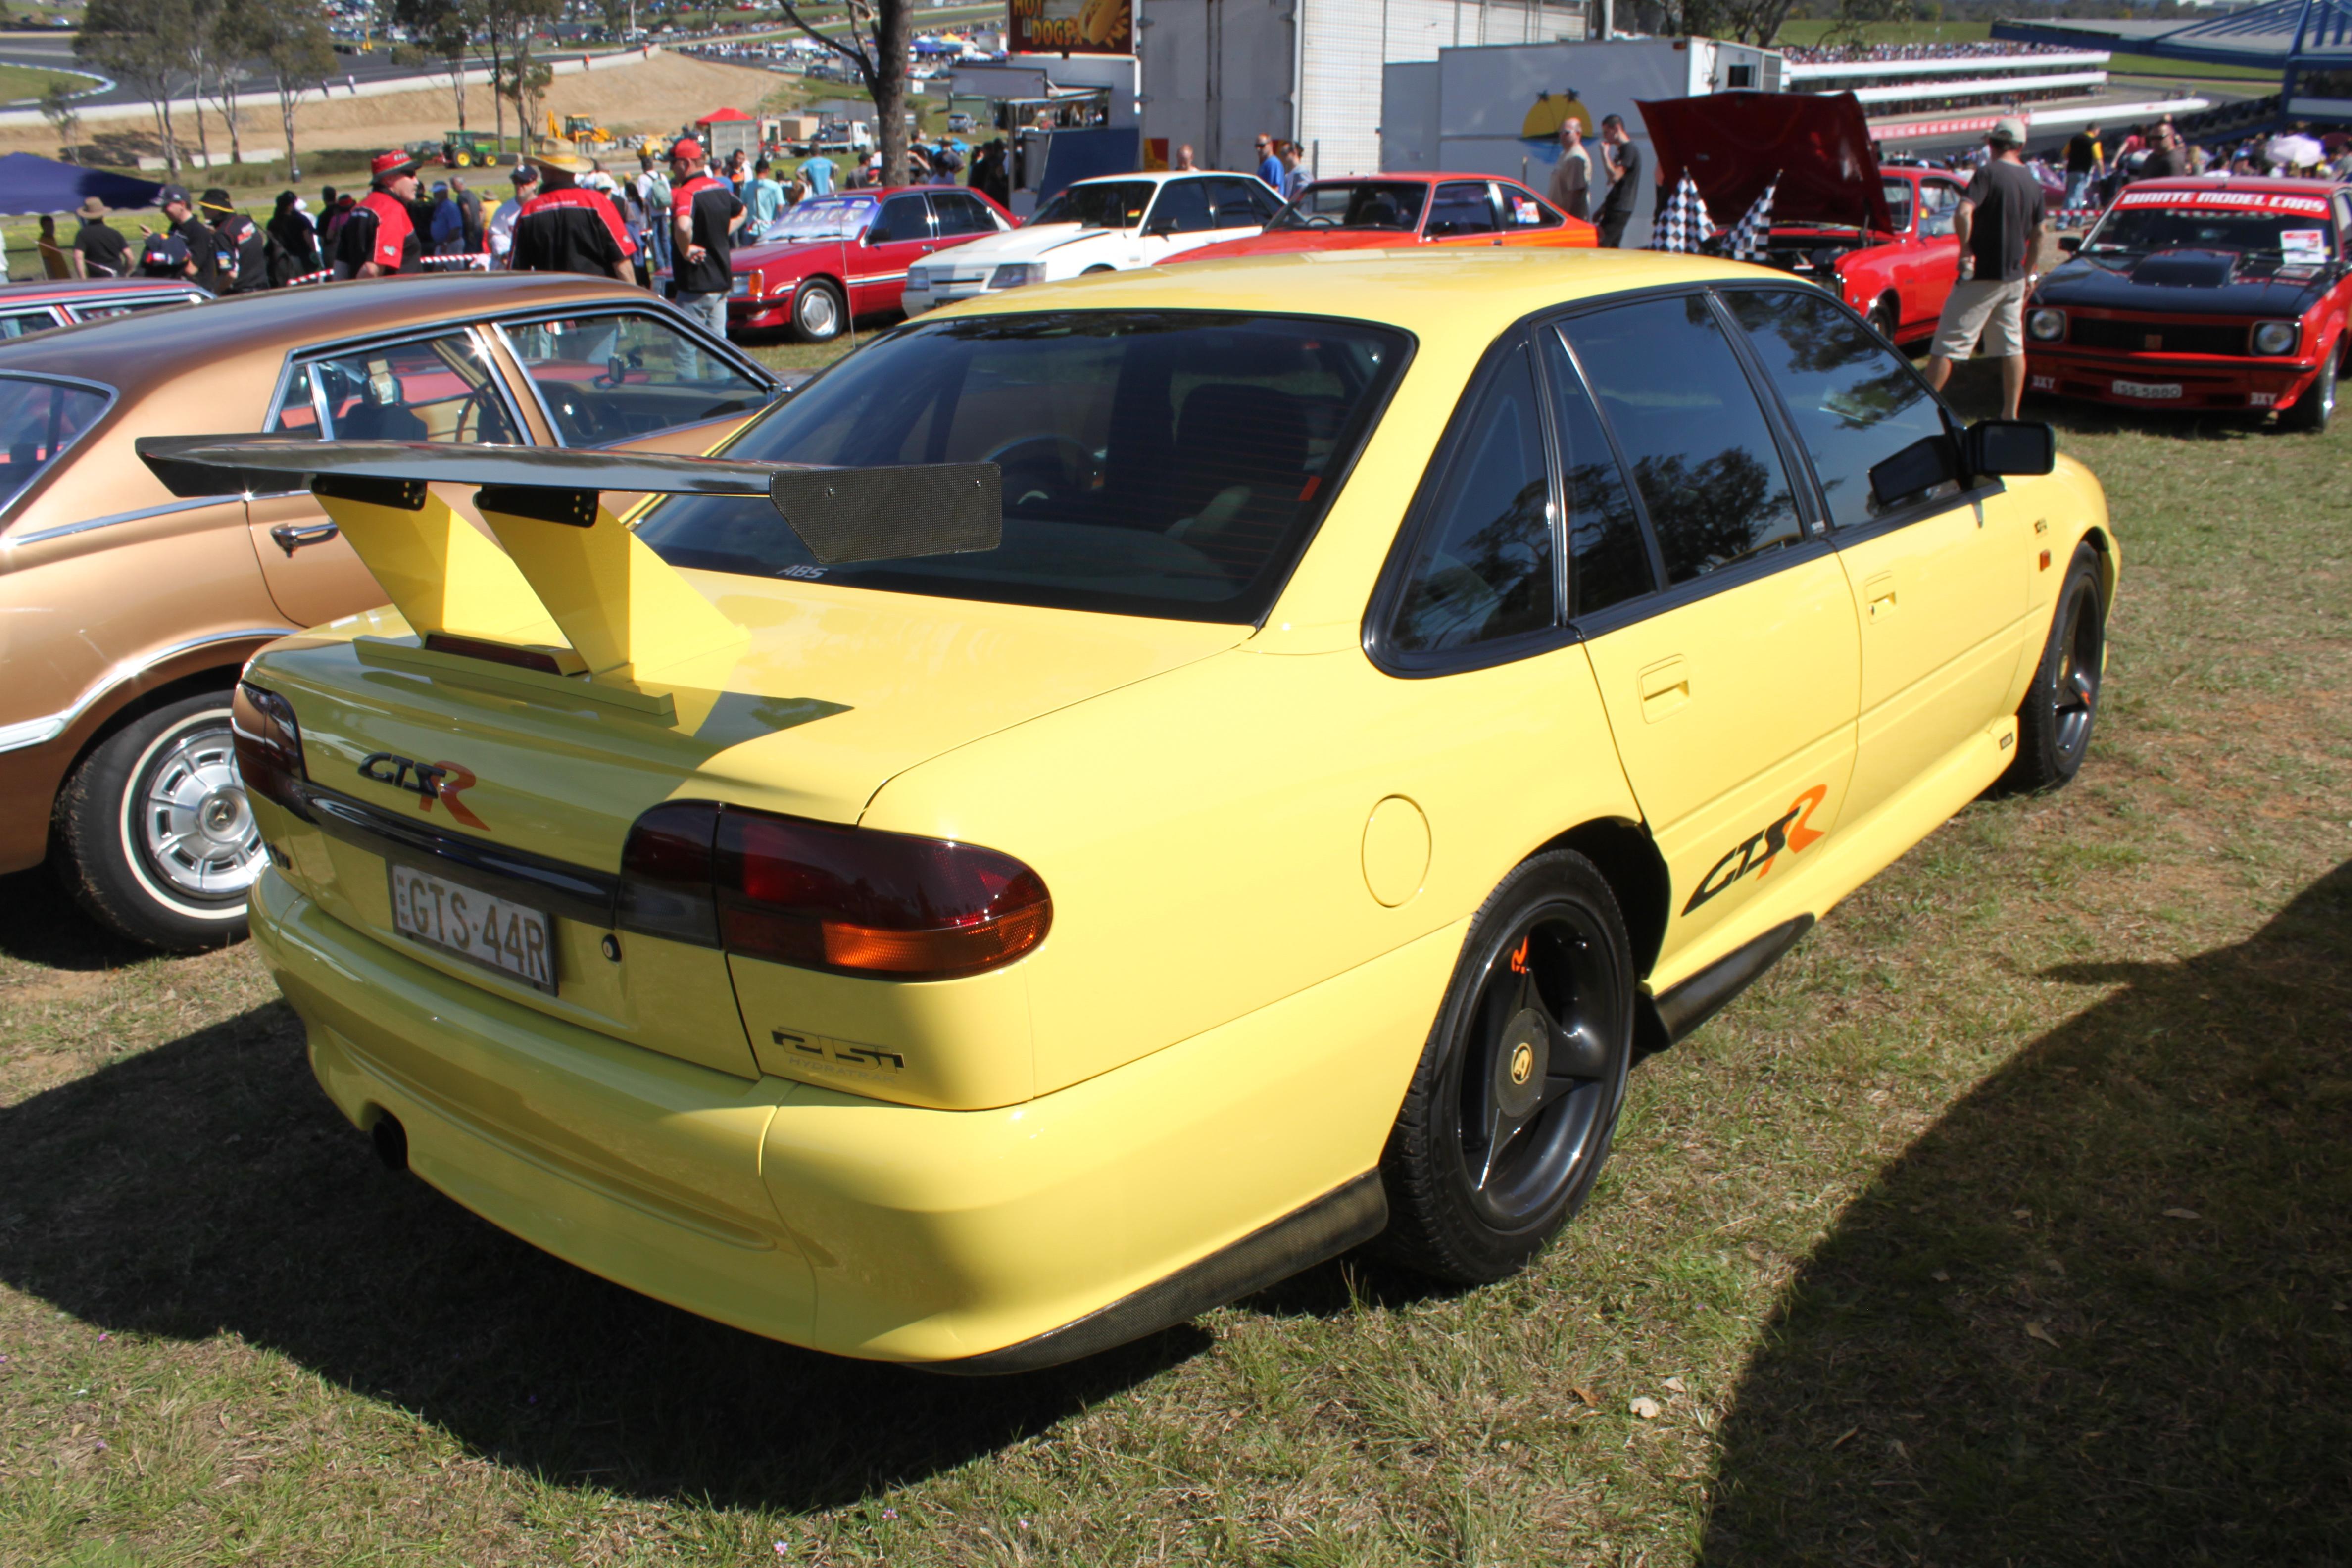 Holden Commodore Vs Wikipedia Upcomingcarshq Com